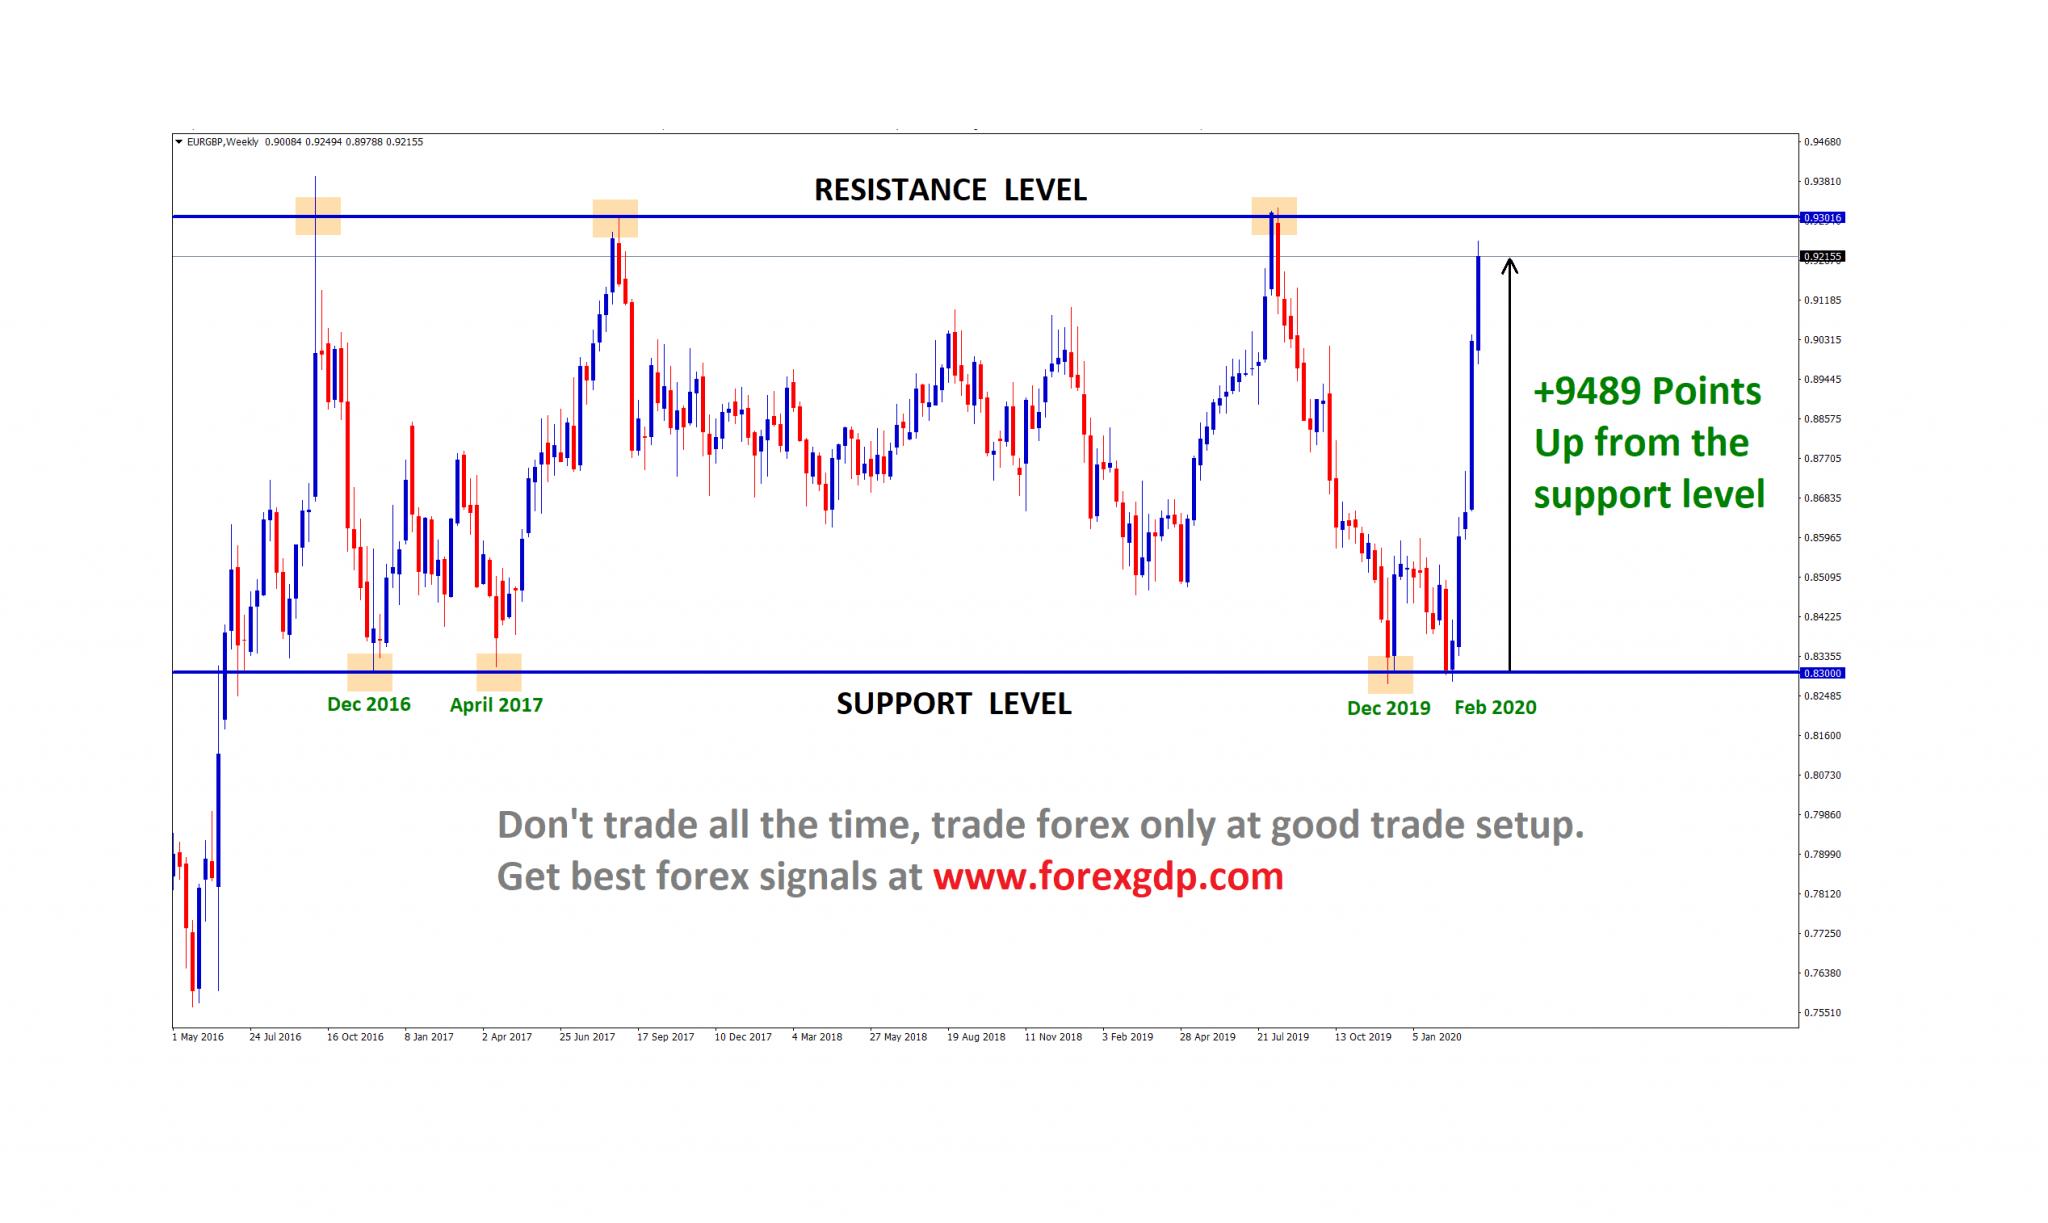 EUR/GBP Support level reversal